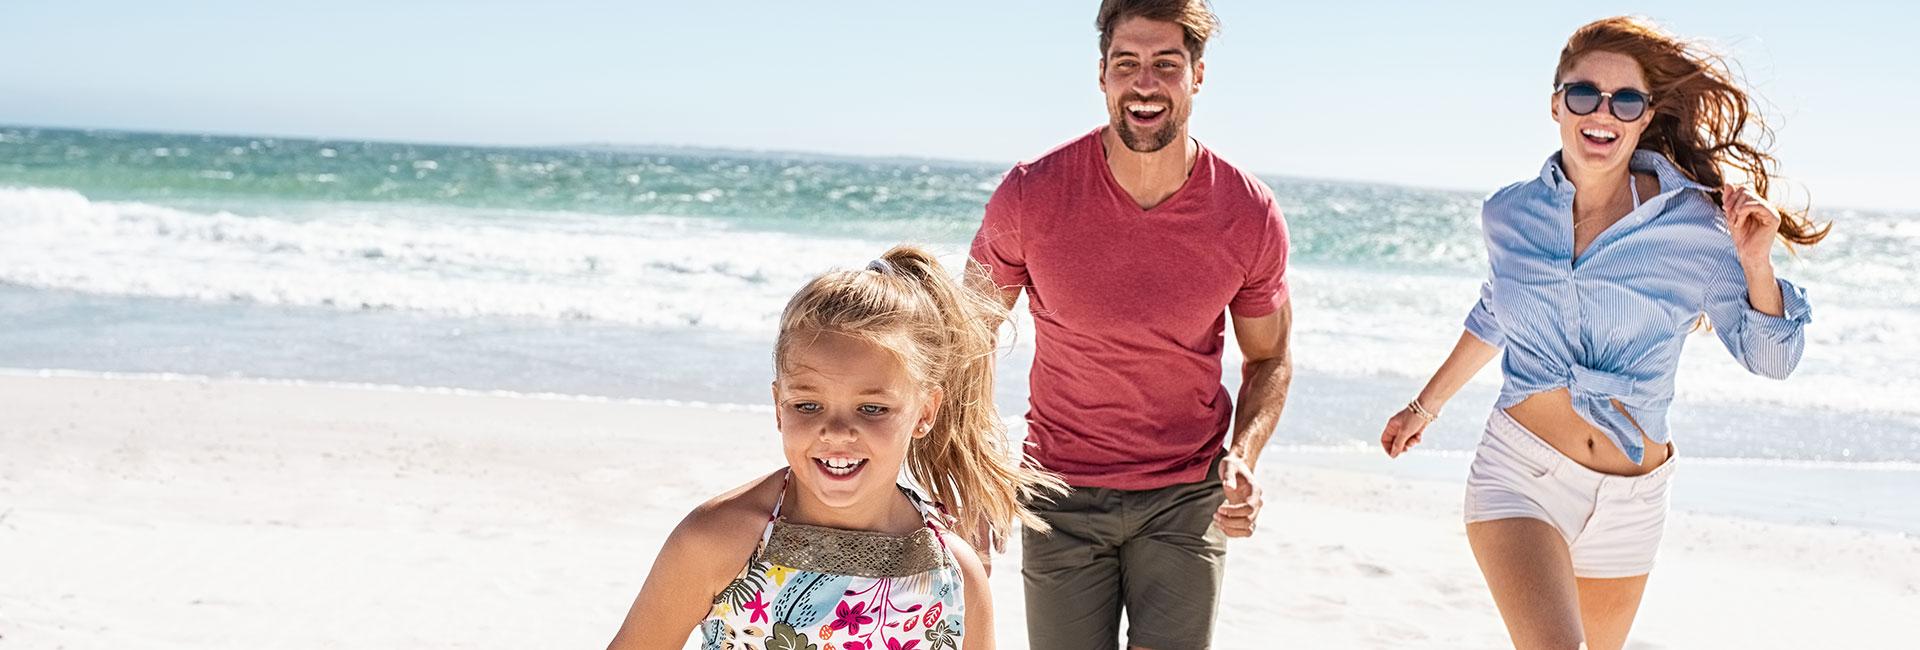 Beach family vacation